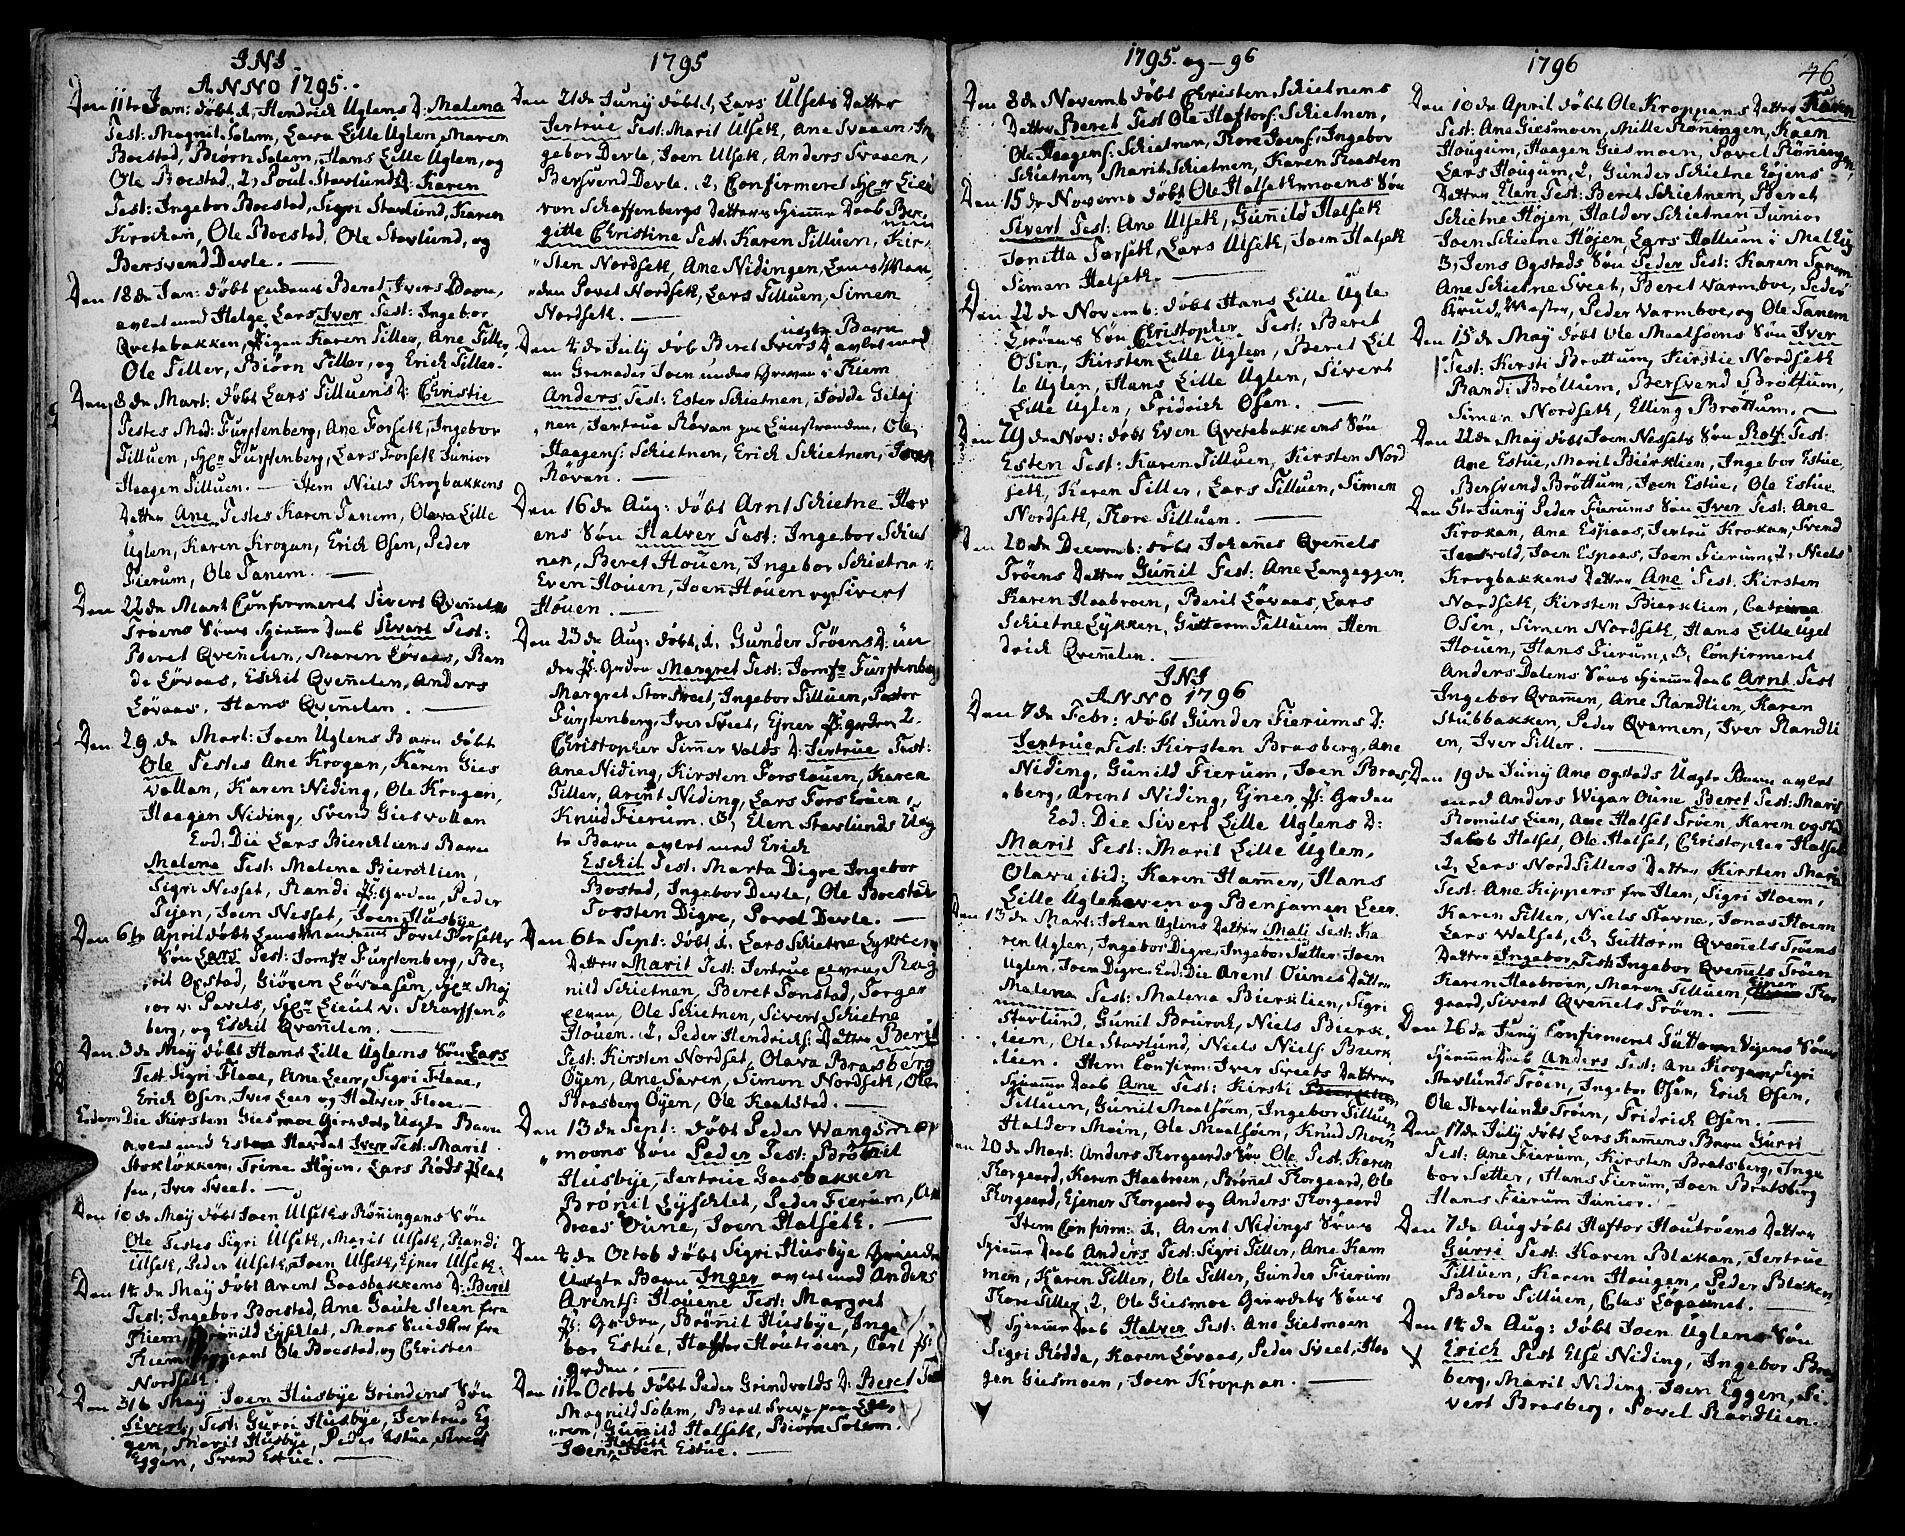 SAT, Ministerialprotokoller, klokkerbøker og fødselsregistre - Sør-Trøndelag, 618/L0438: Ministerialbok nr. 618A03, 1783-1815, s. 46